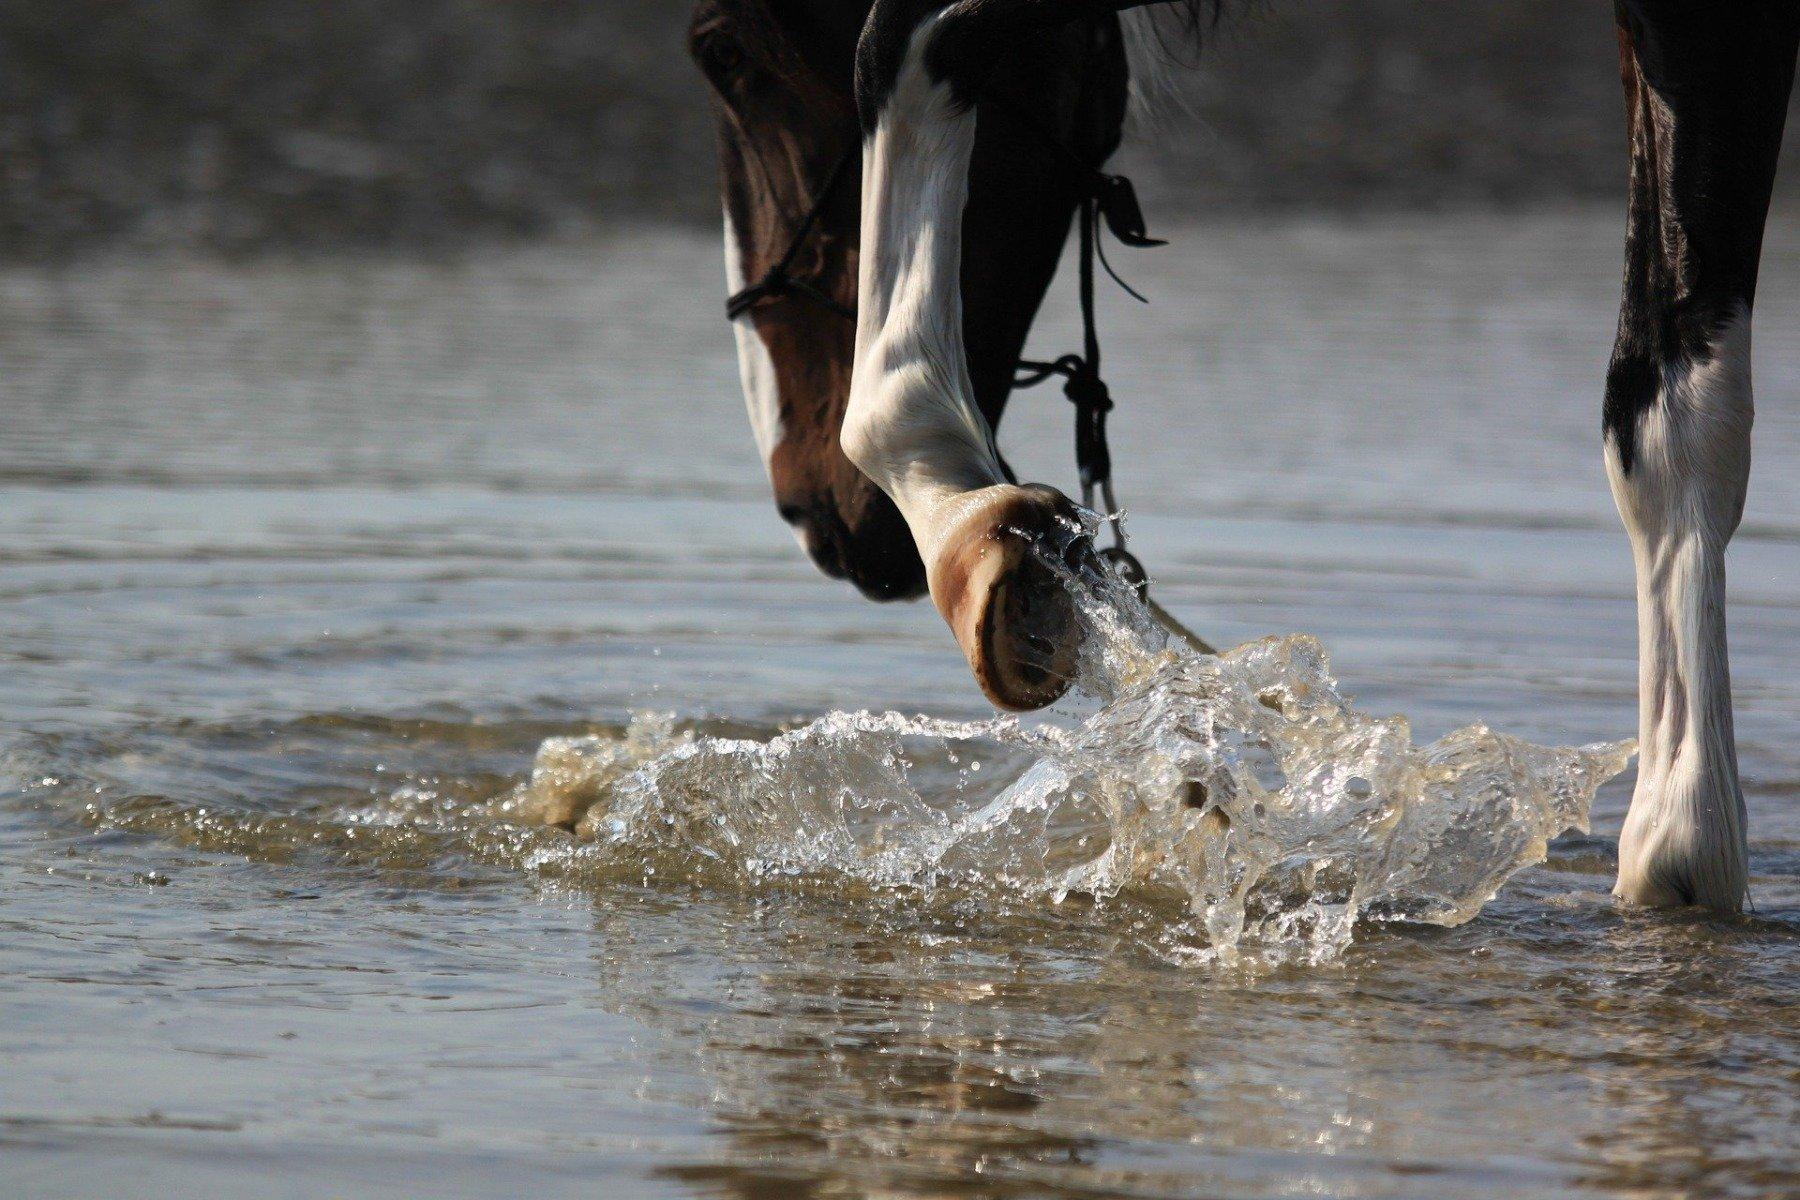 Huf eines Pferdes im Wasser